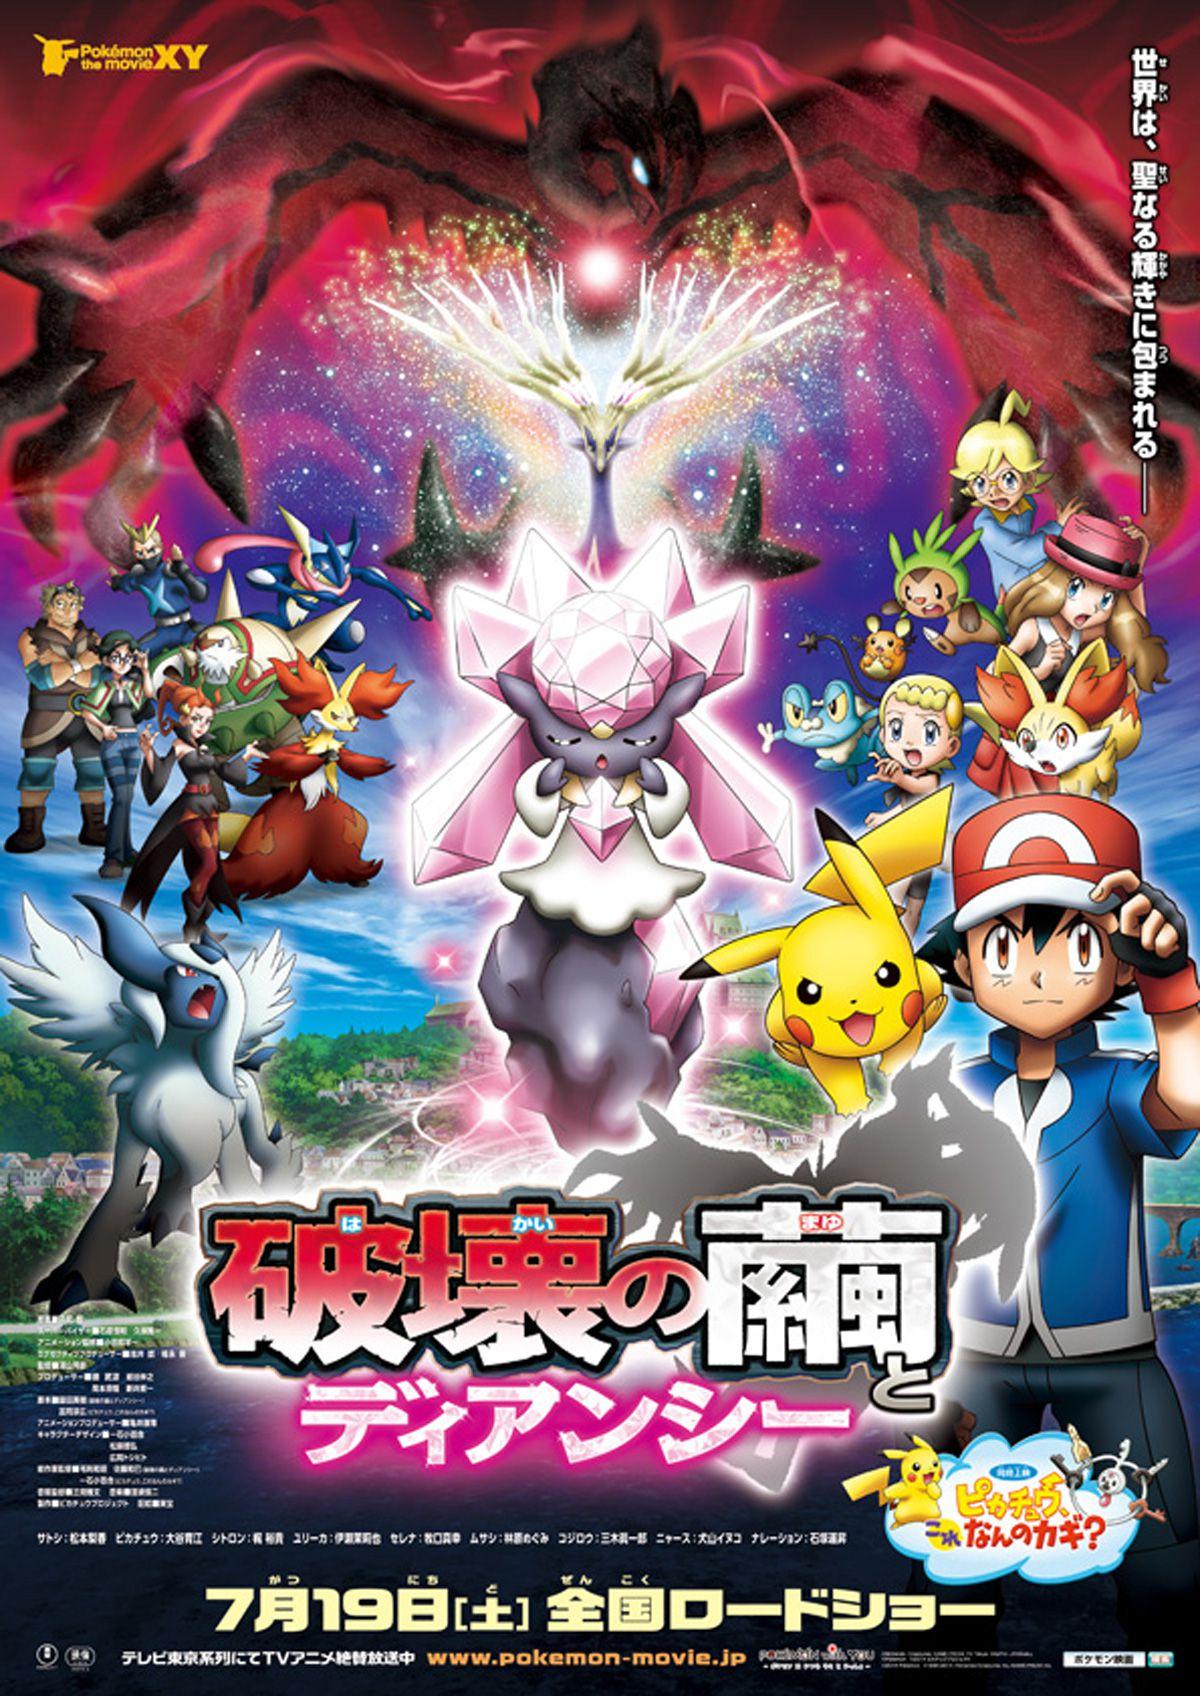 Pokémon 17 : Diancie et le Cocon de l'Annihilation - Long-métrage d'animation (2014)